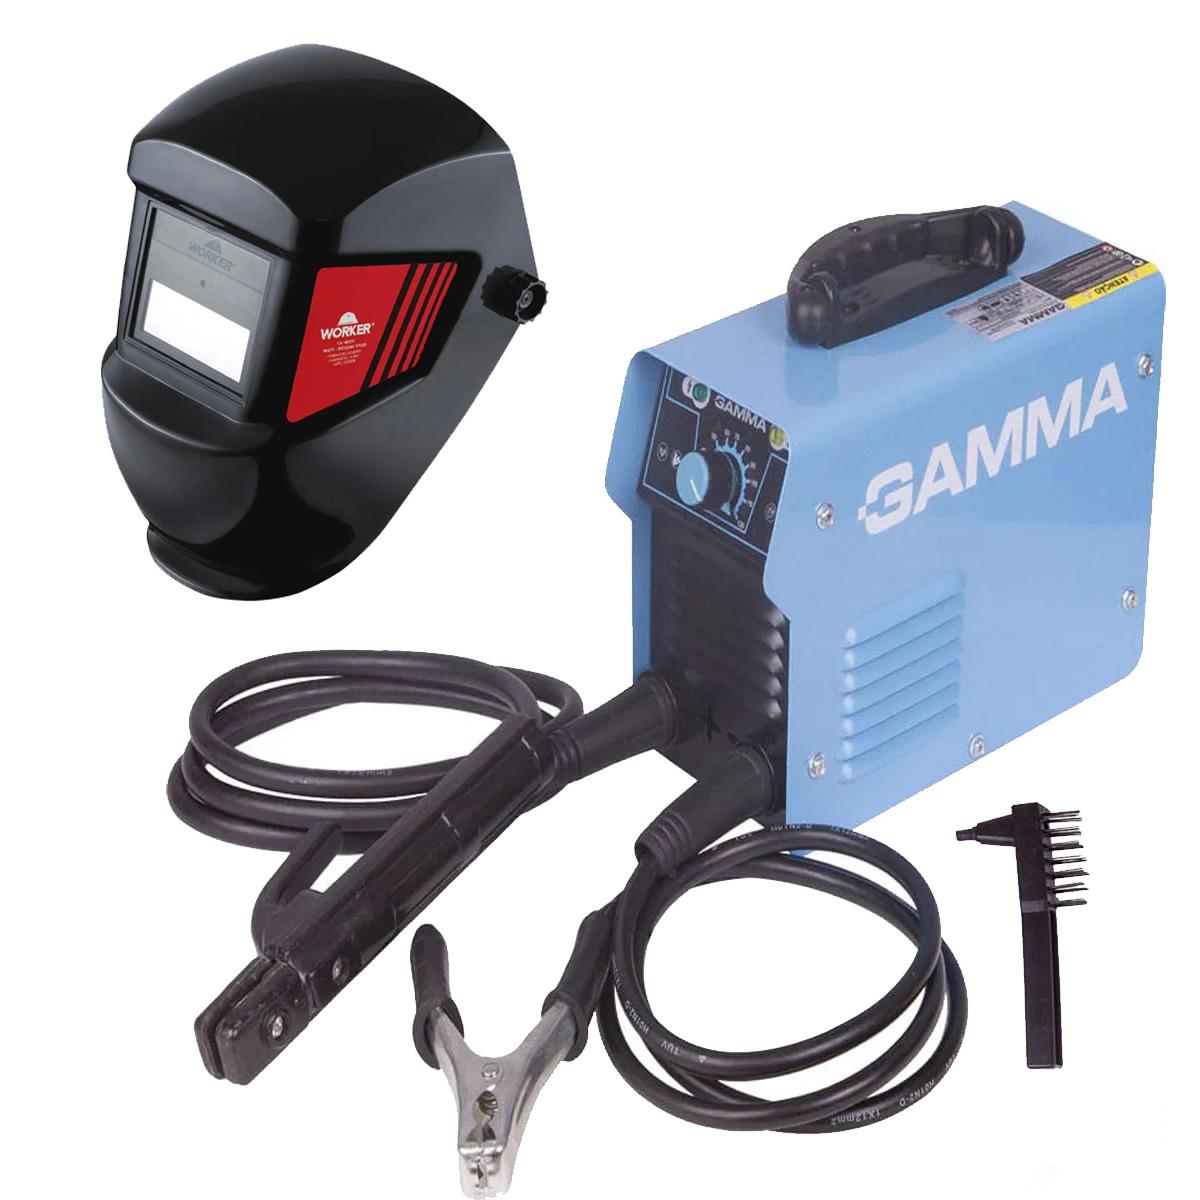 Inversora de Solda ARC120 Gamma com Máscara Ton13 Worker